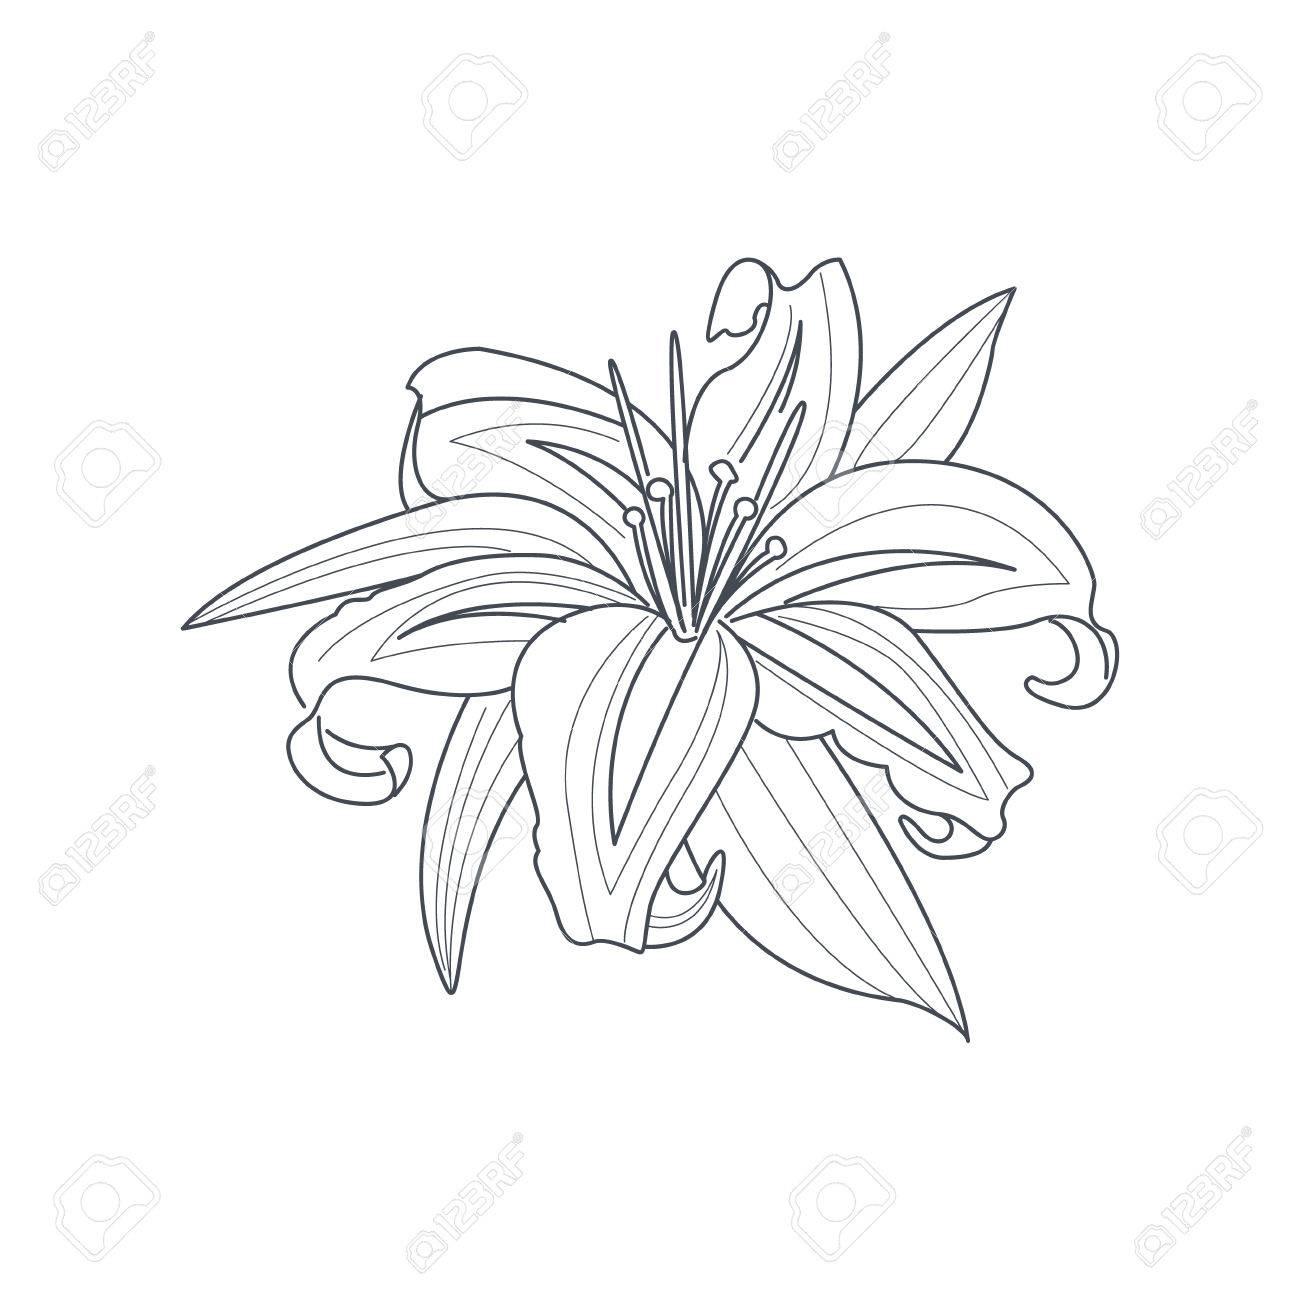 Lily Flor Dibujo Monocromo Para Colorear Libro Mano Dibujado Vector ...